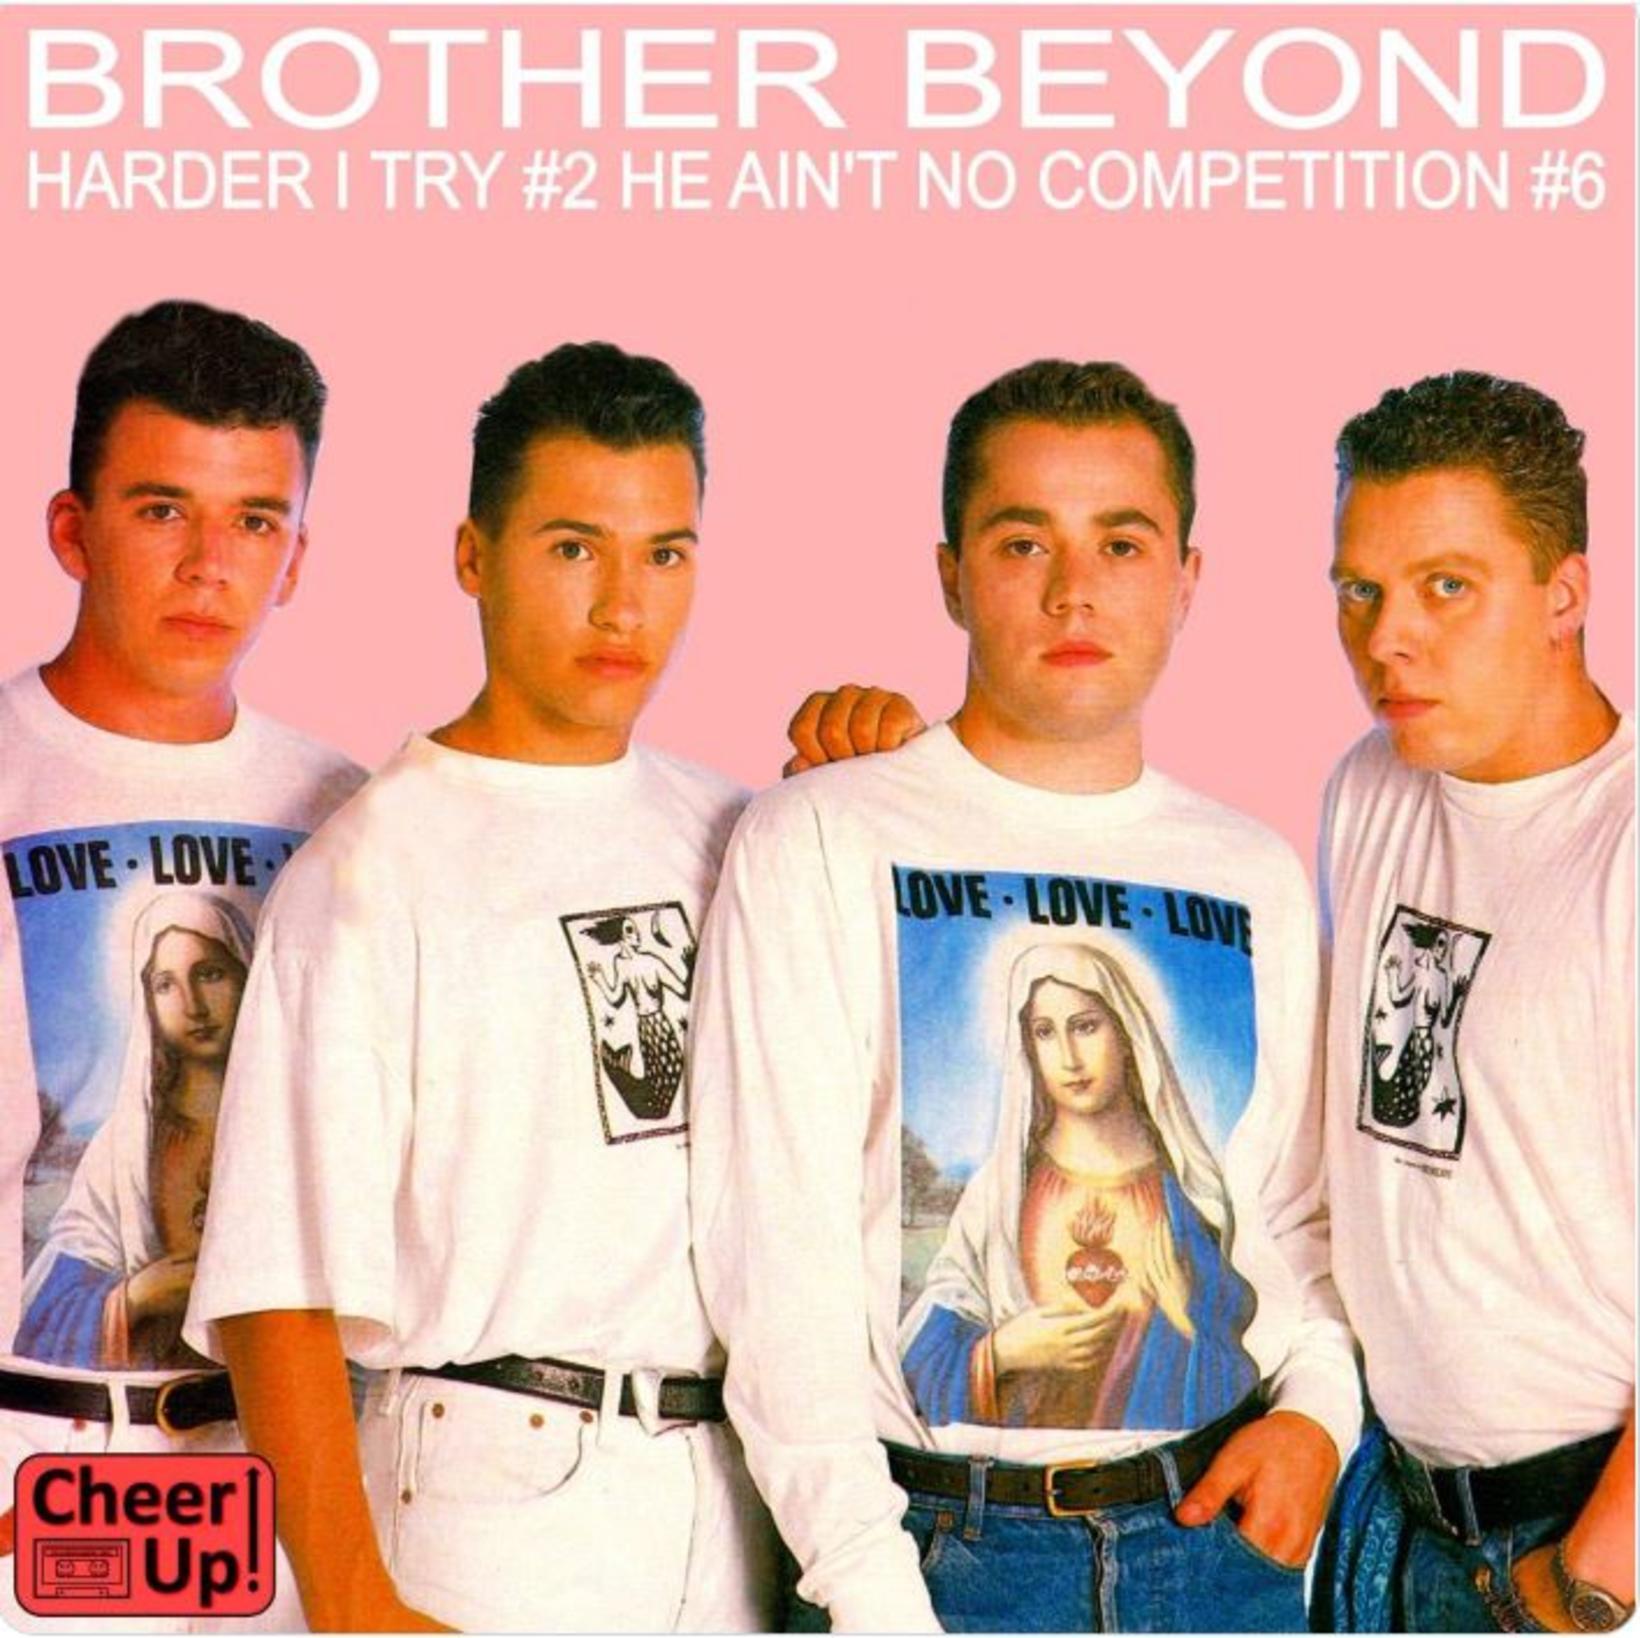 Strákasveitin Brother Beyond sló rækilega í gegn árið 1988.